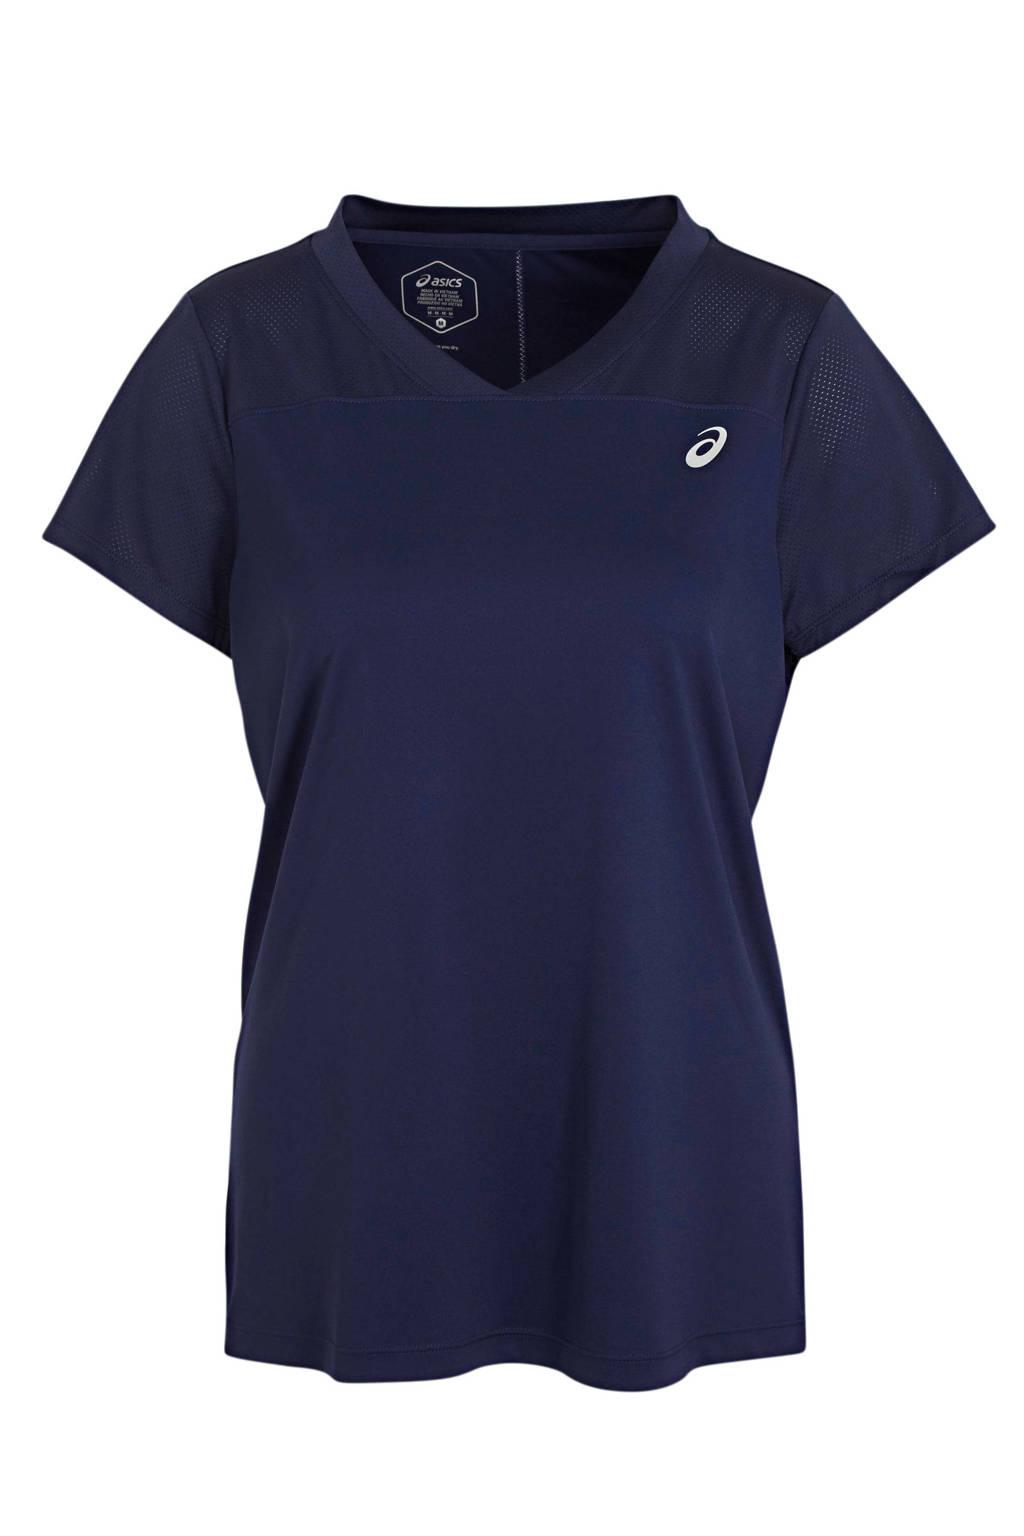 ASICS sport T-shirt donkerblauw, Donkerblauw